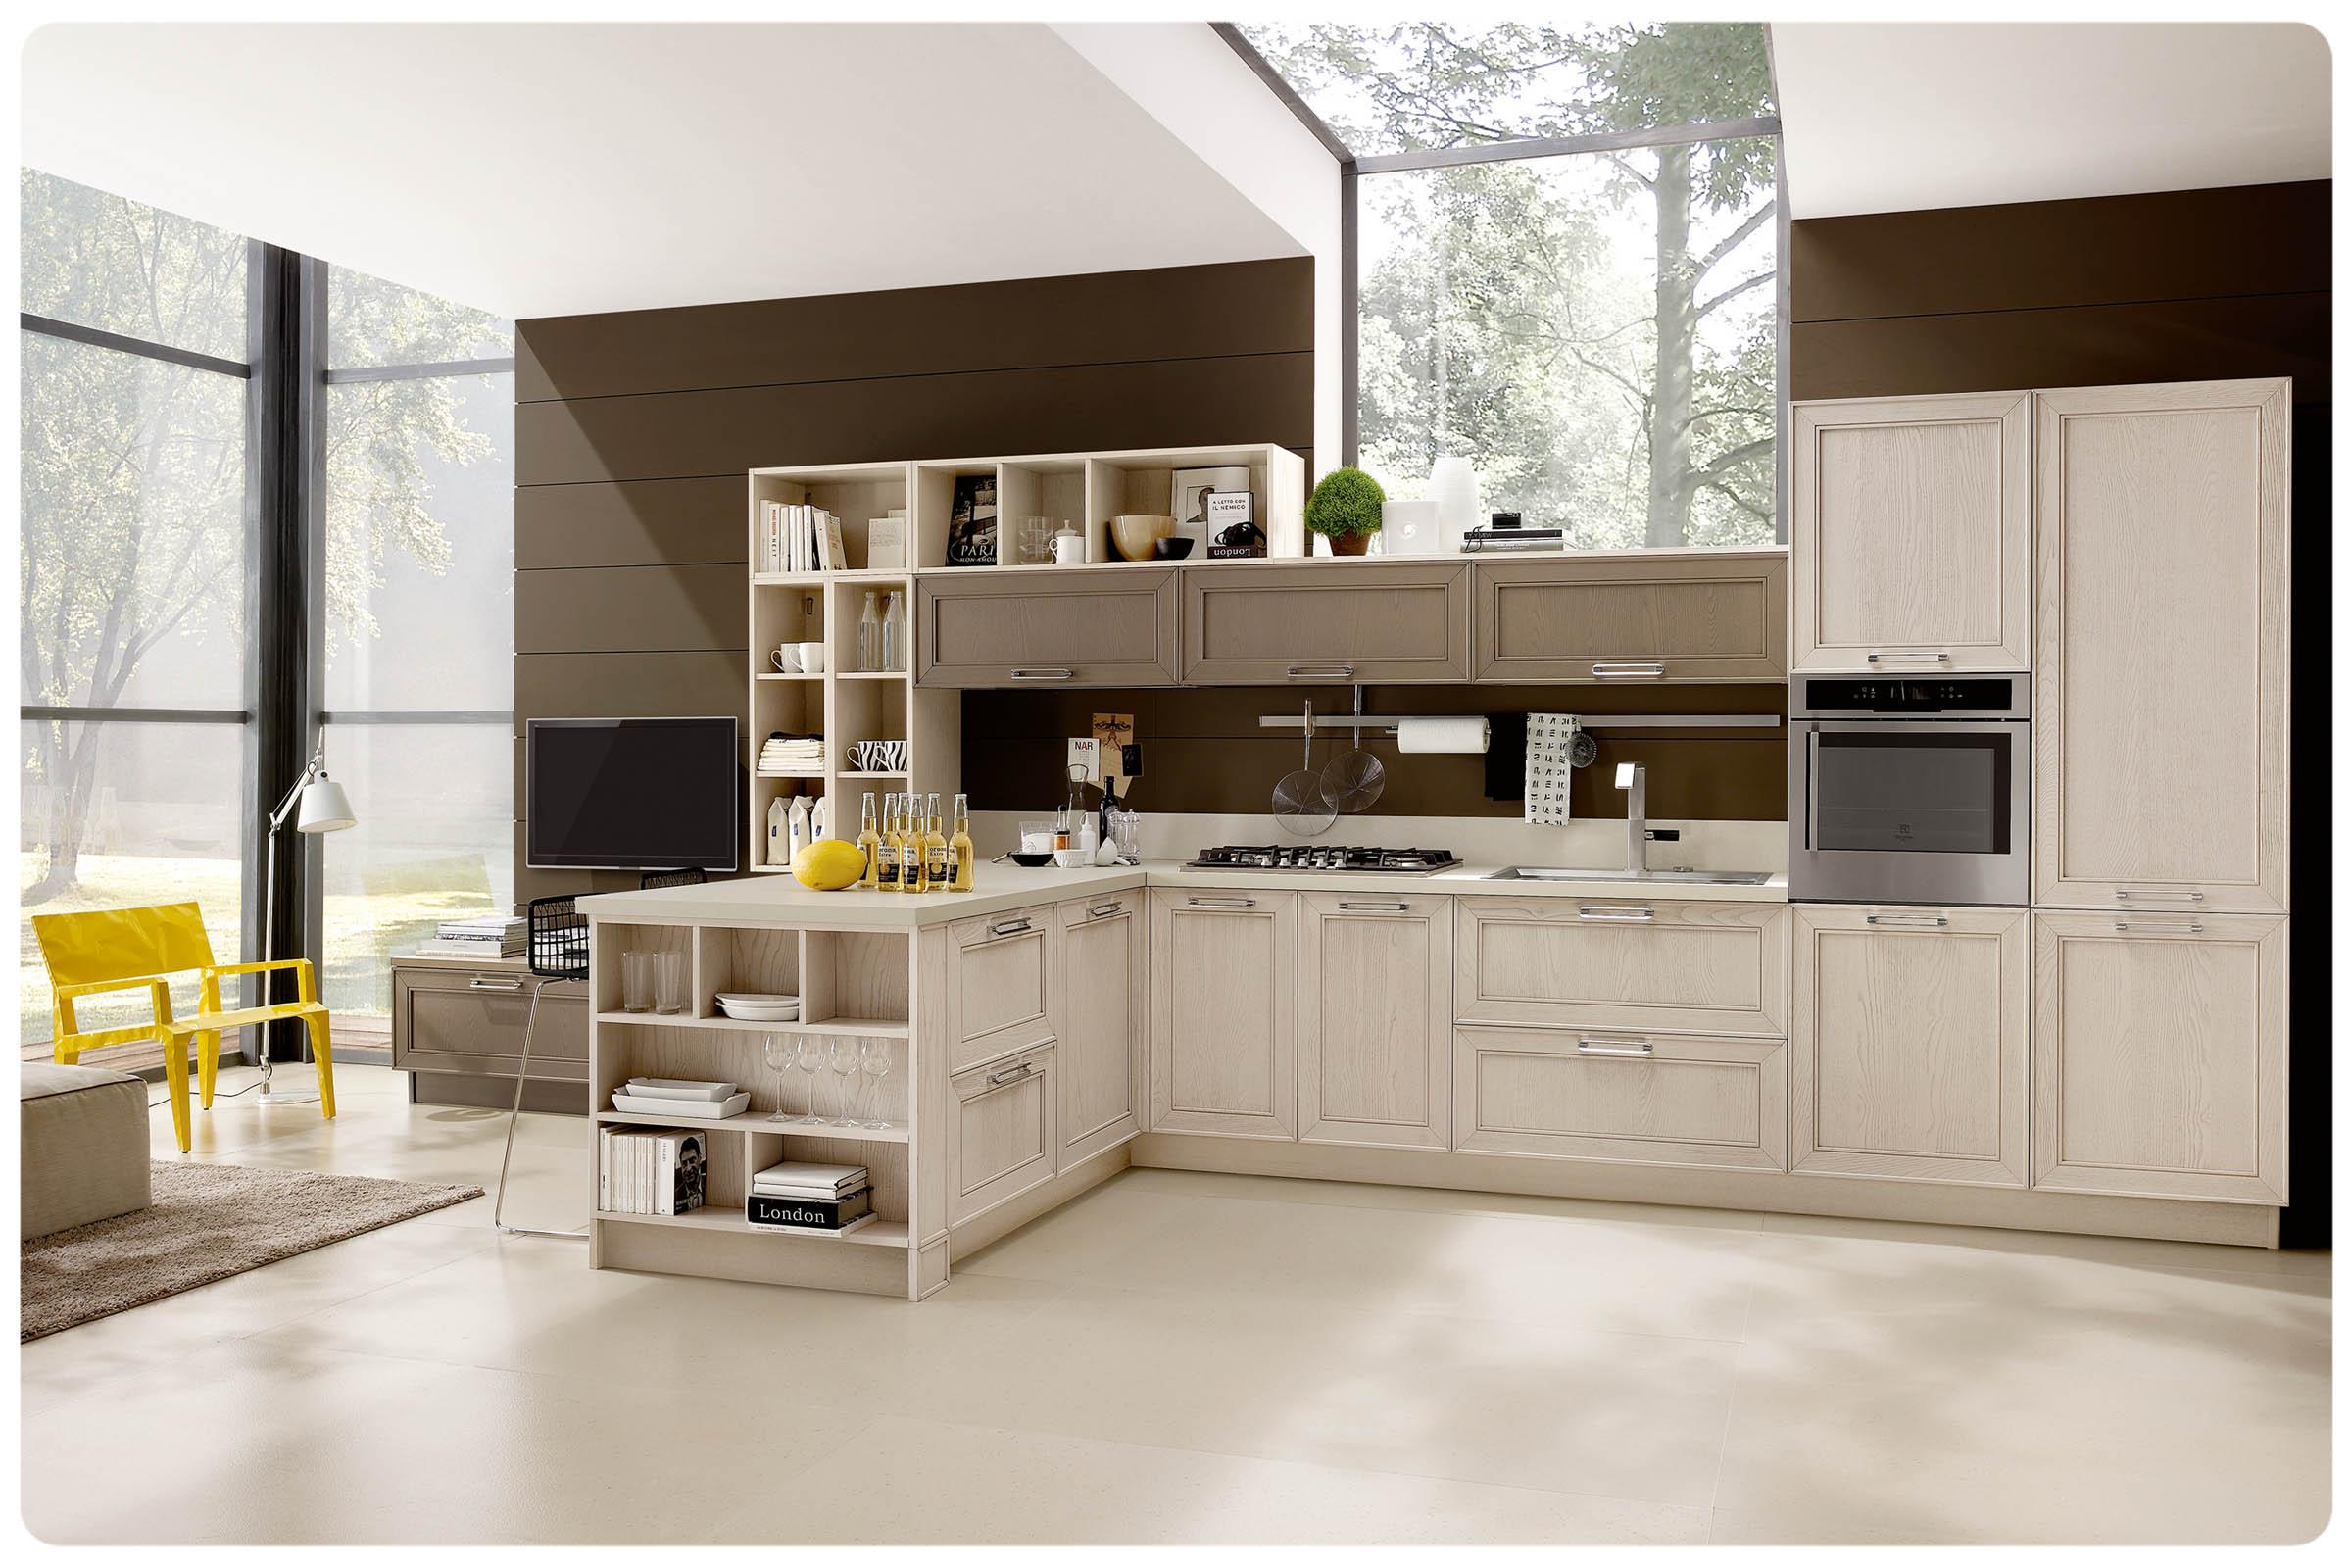 Cucine moderne componibili Stosa Maxim - Acquistabile in Milano e provincia, Monza e Brianza